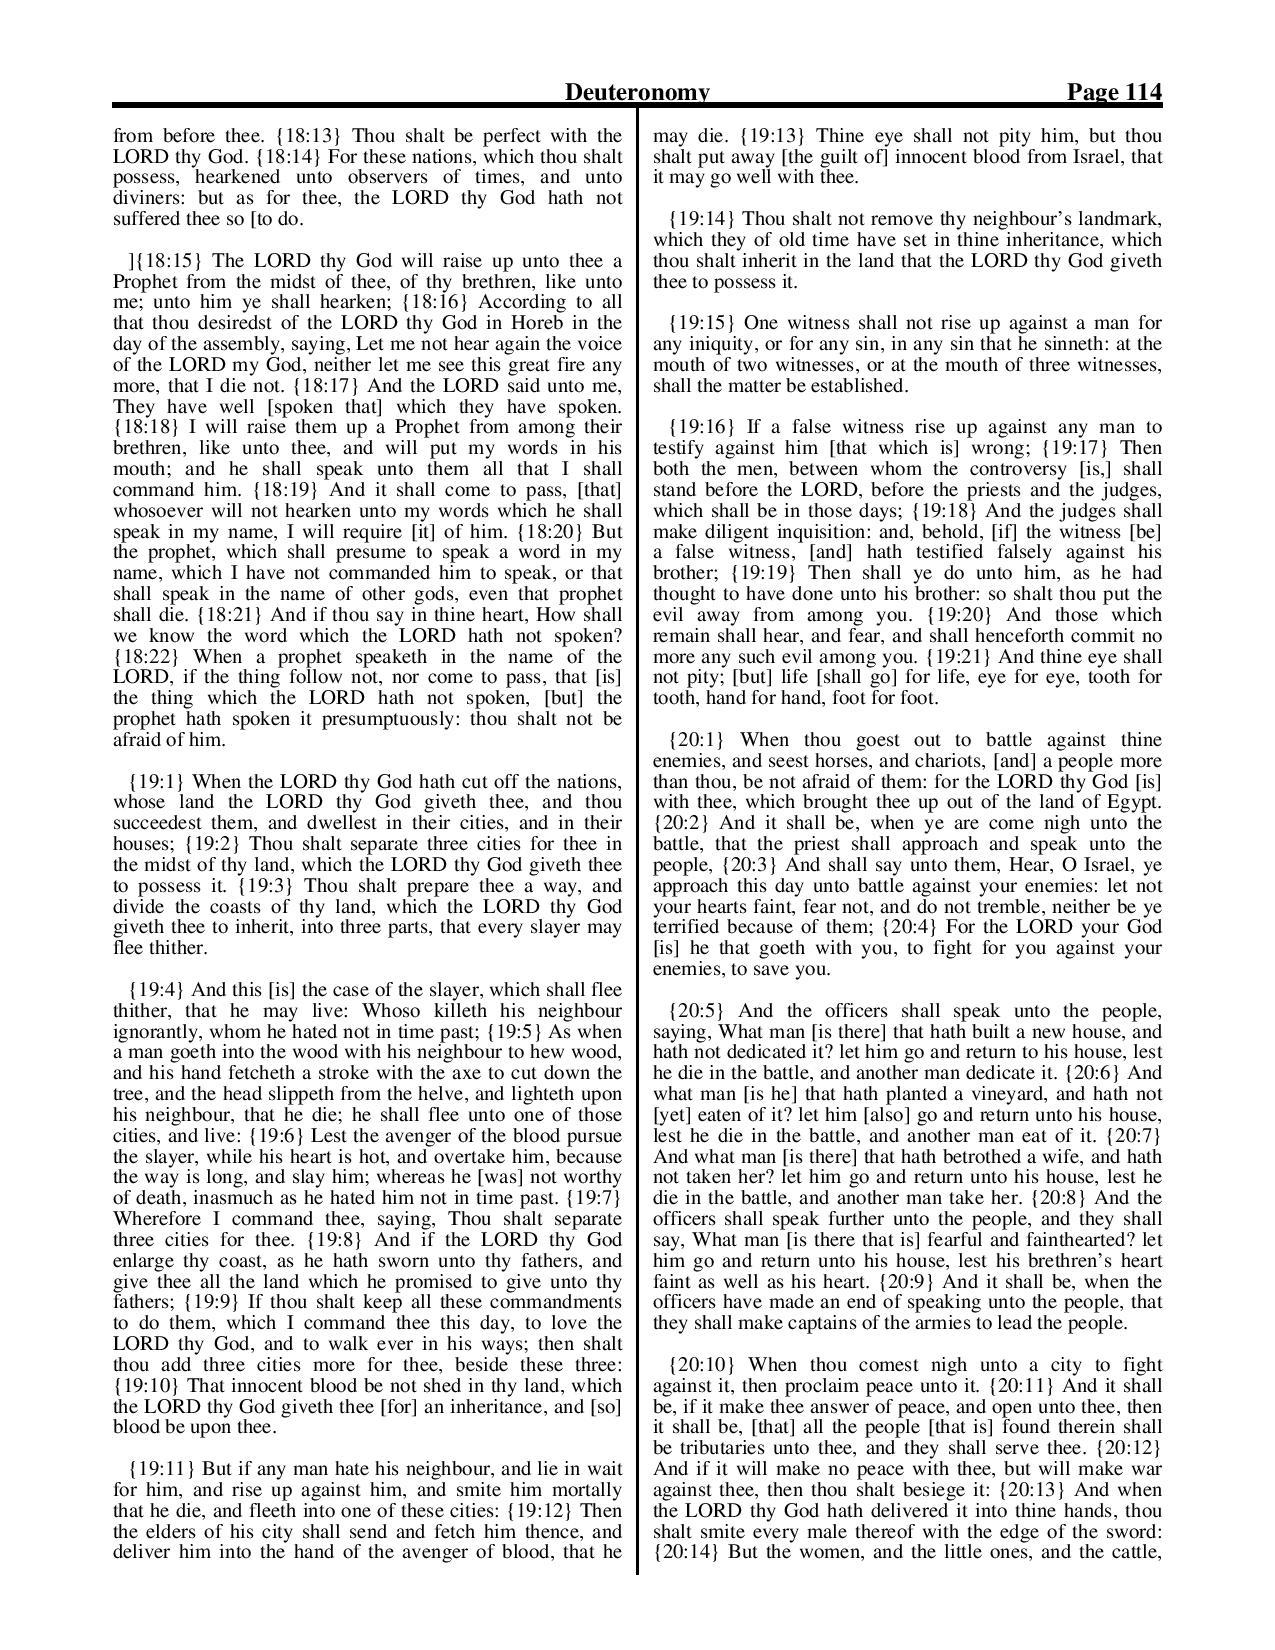 King-James-Bible-KJV-Bible-PDF-page-135